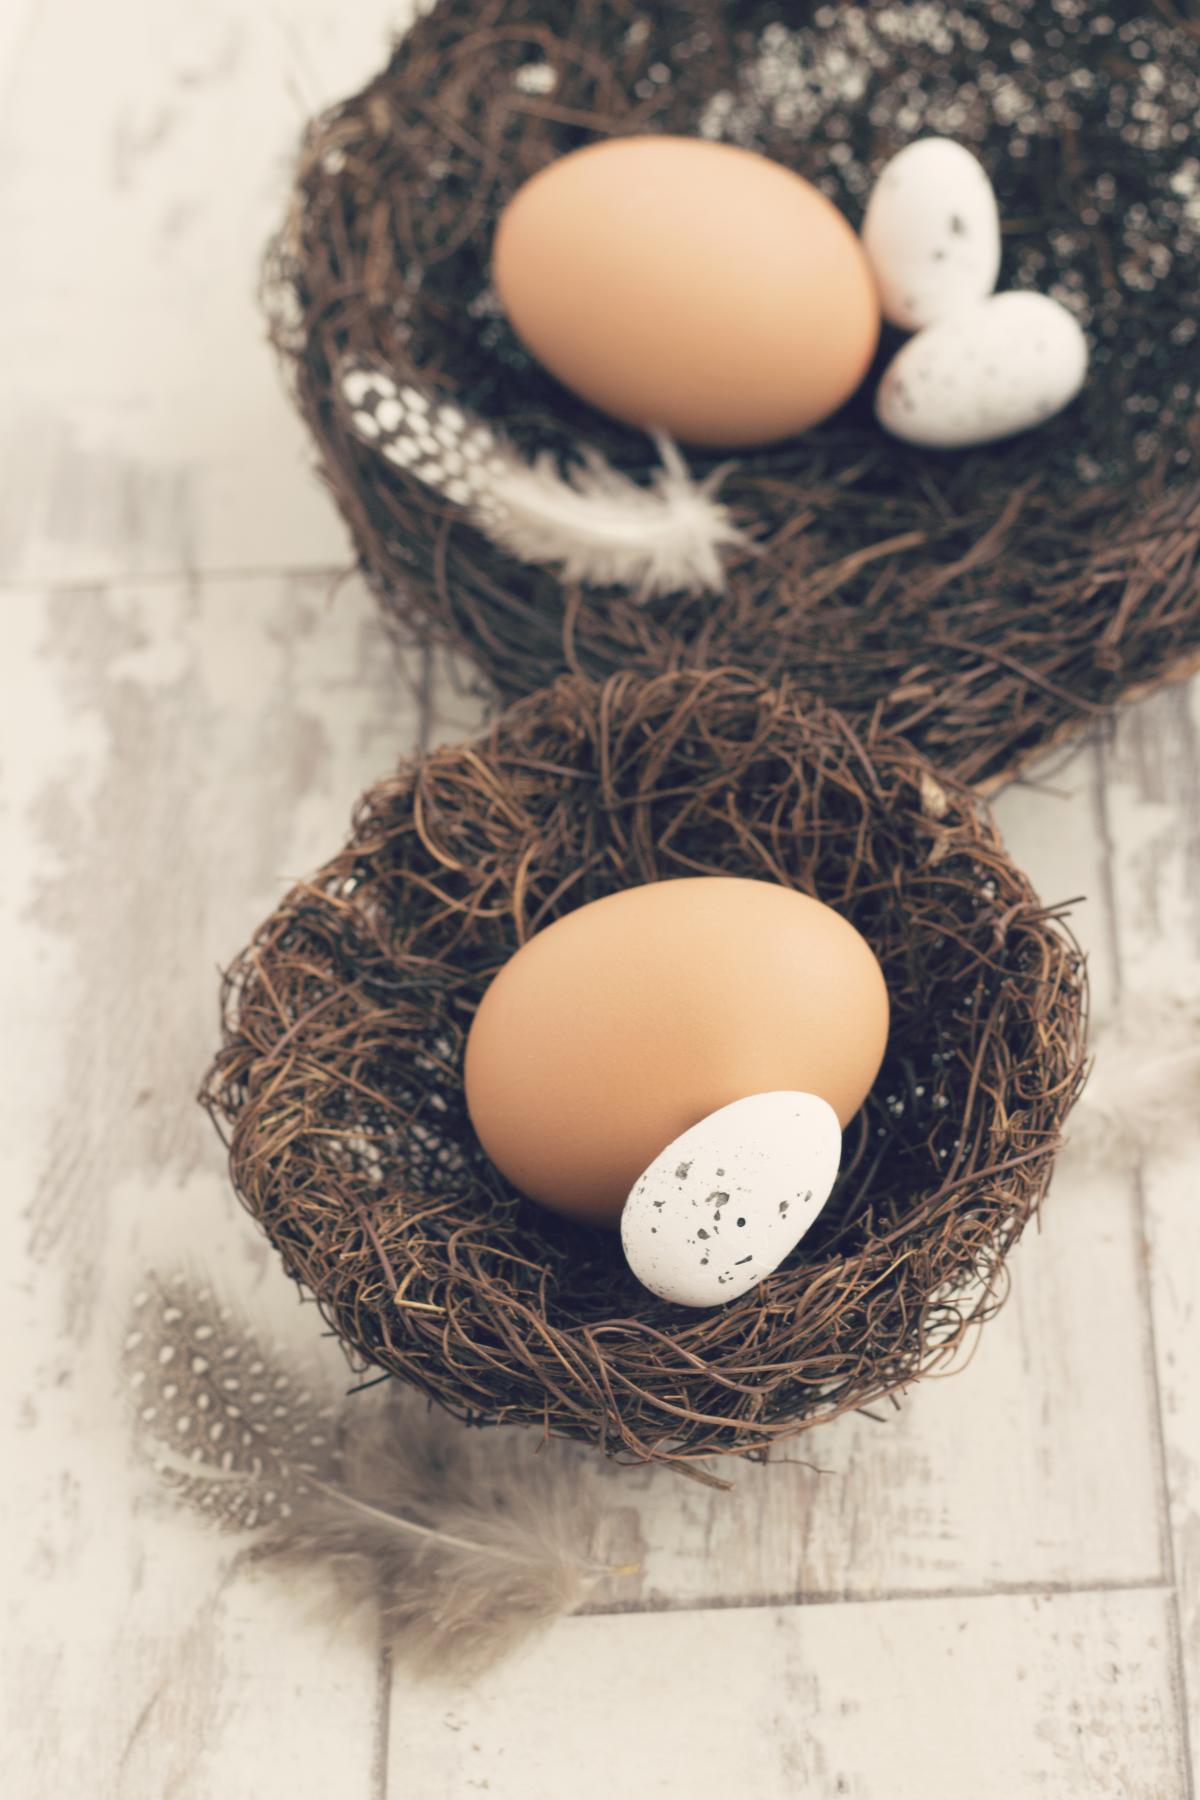 Egg Eggs Nest-egg